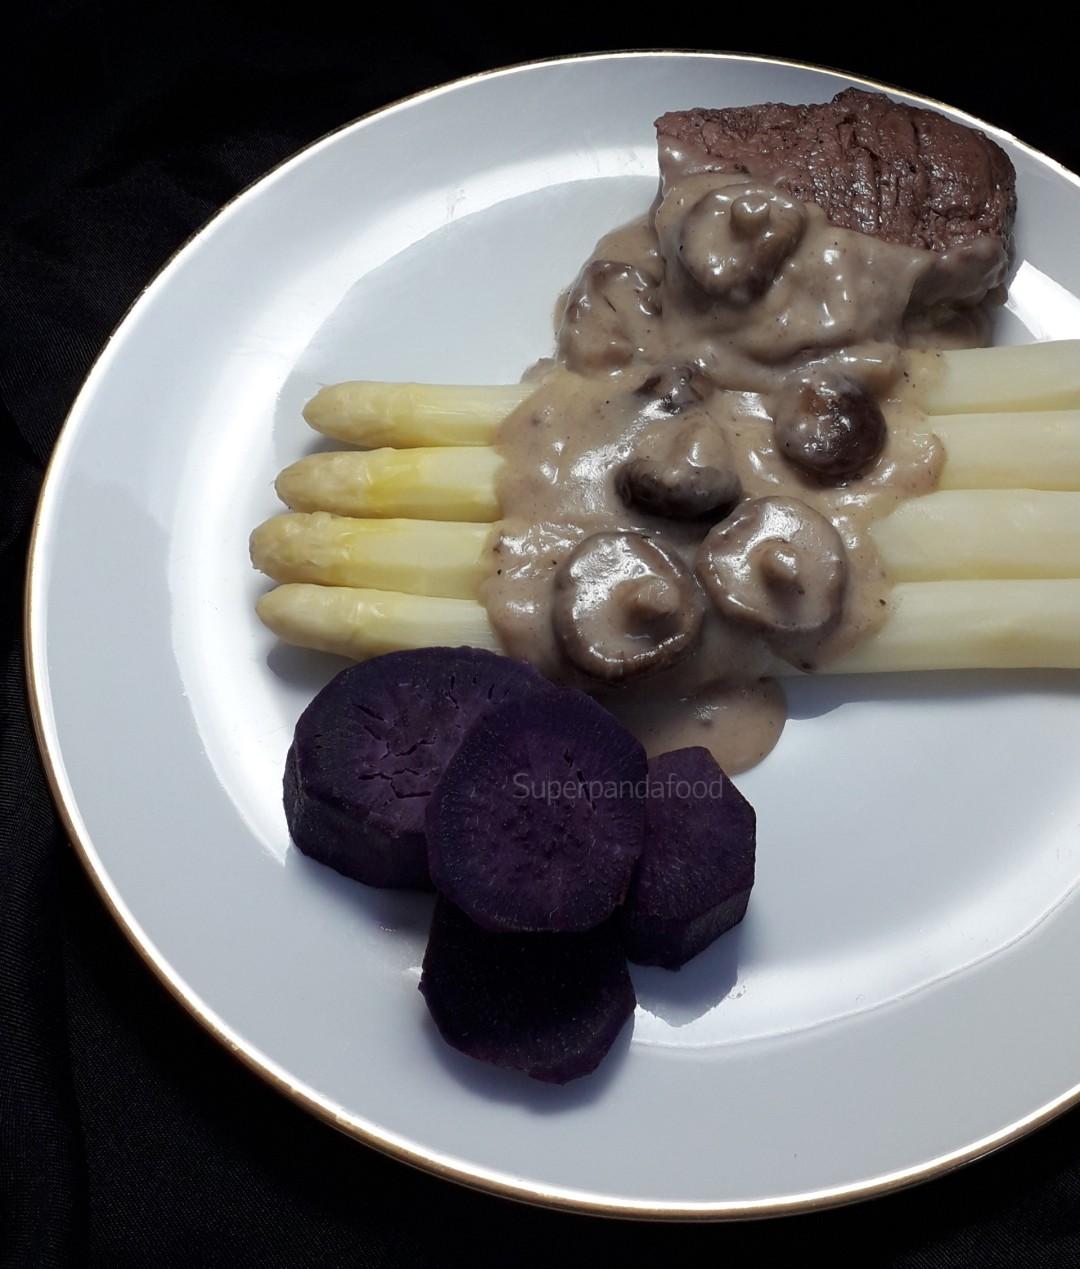 Shiitake, asperges, paarse zoete aardappel en biefstuk met lactosevrije roomsaus